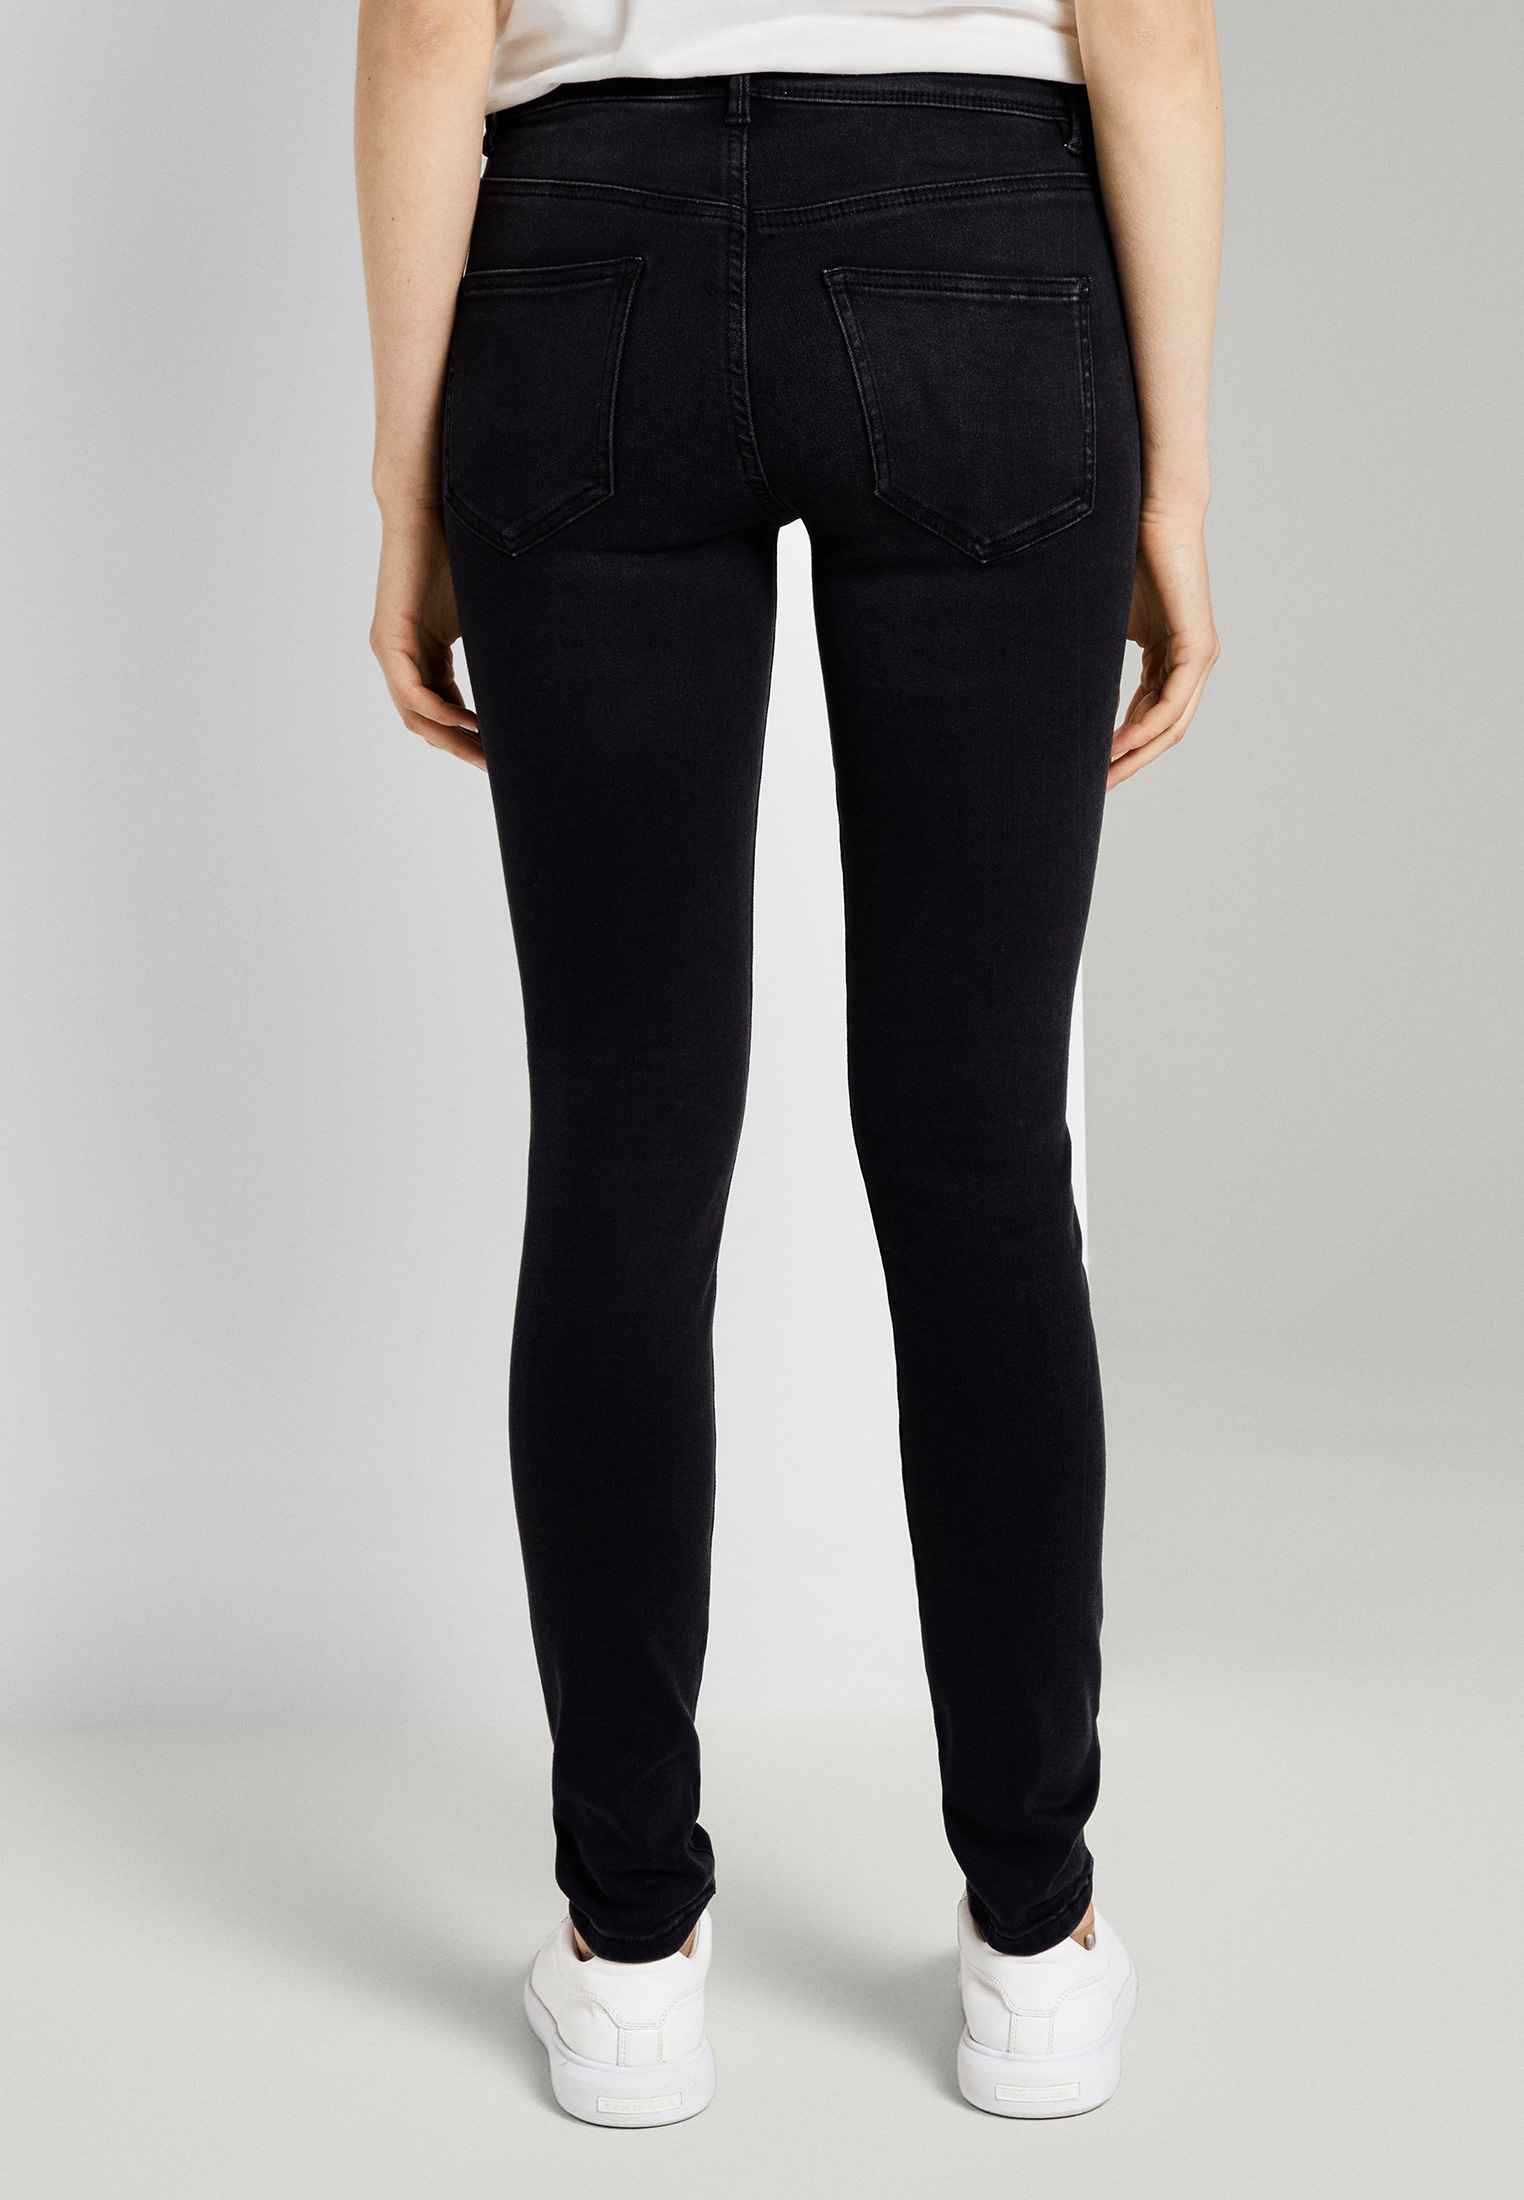 Зауженные джинсы Tom Tailor (Том Тейлор) 1021181: изображение 3